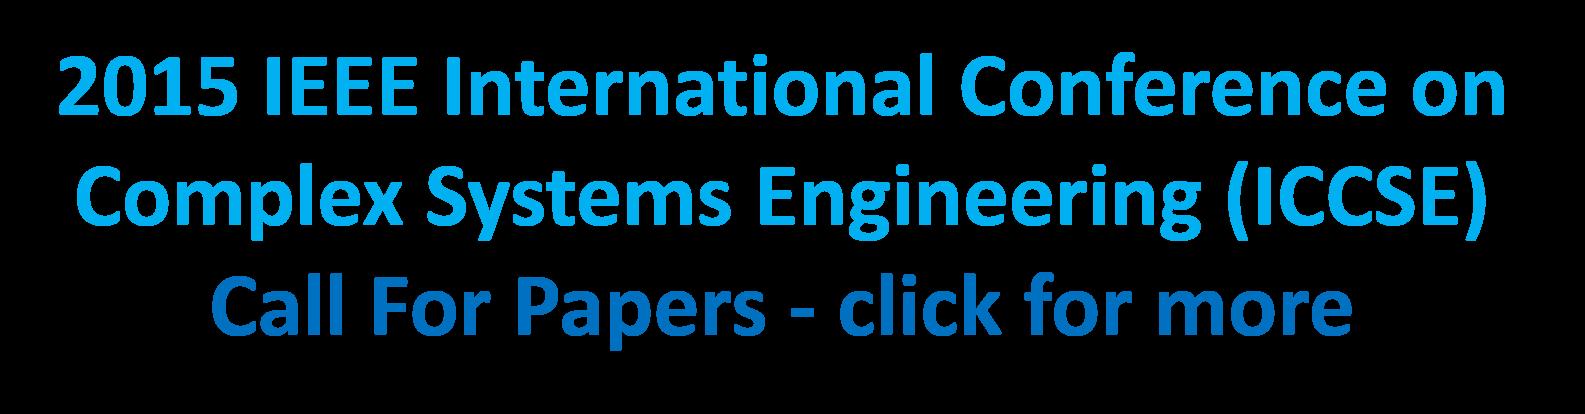 2015 IEEE ICCSE